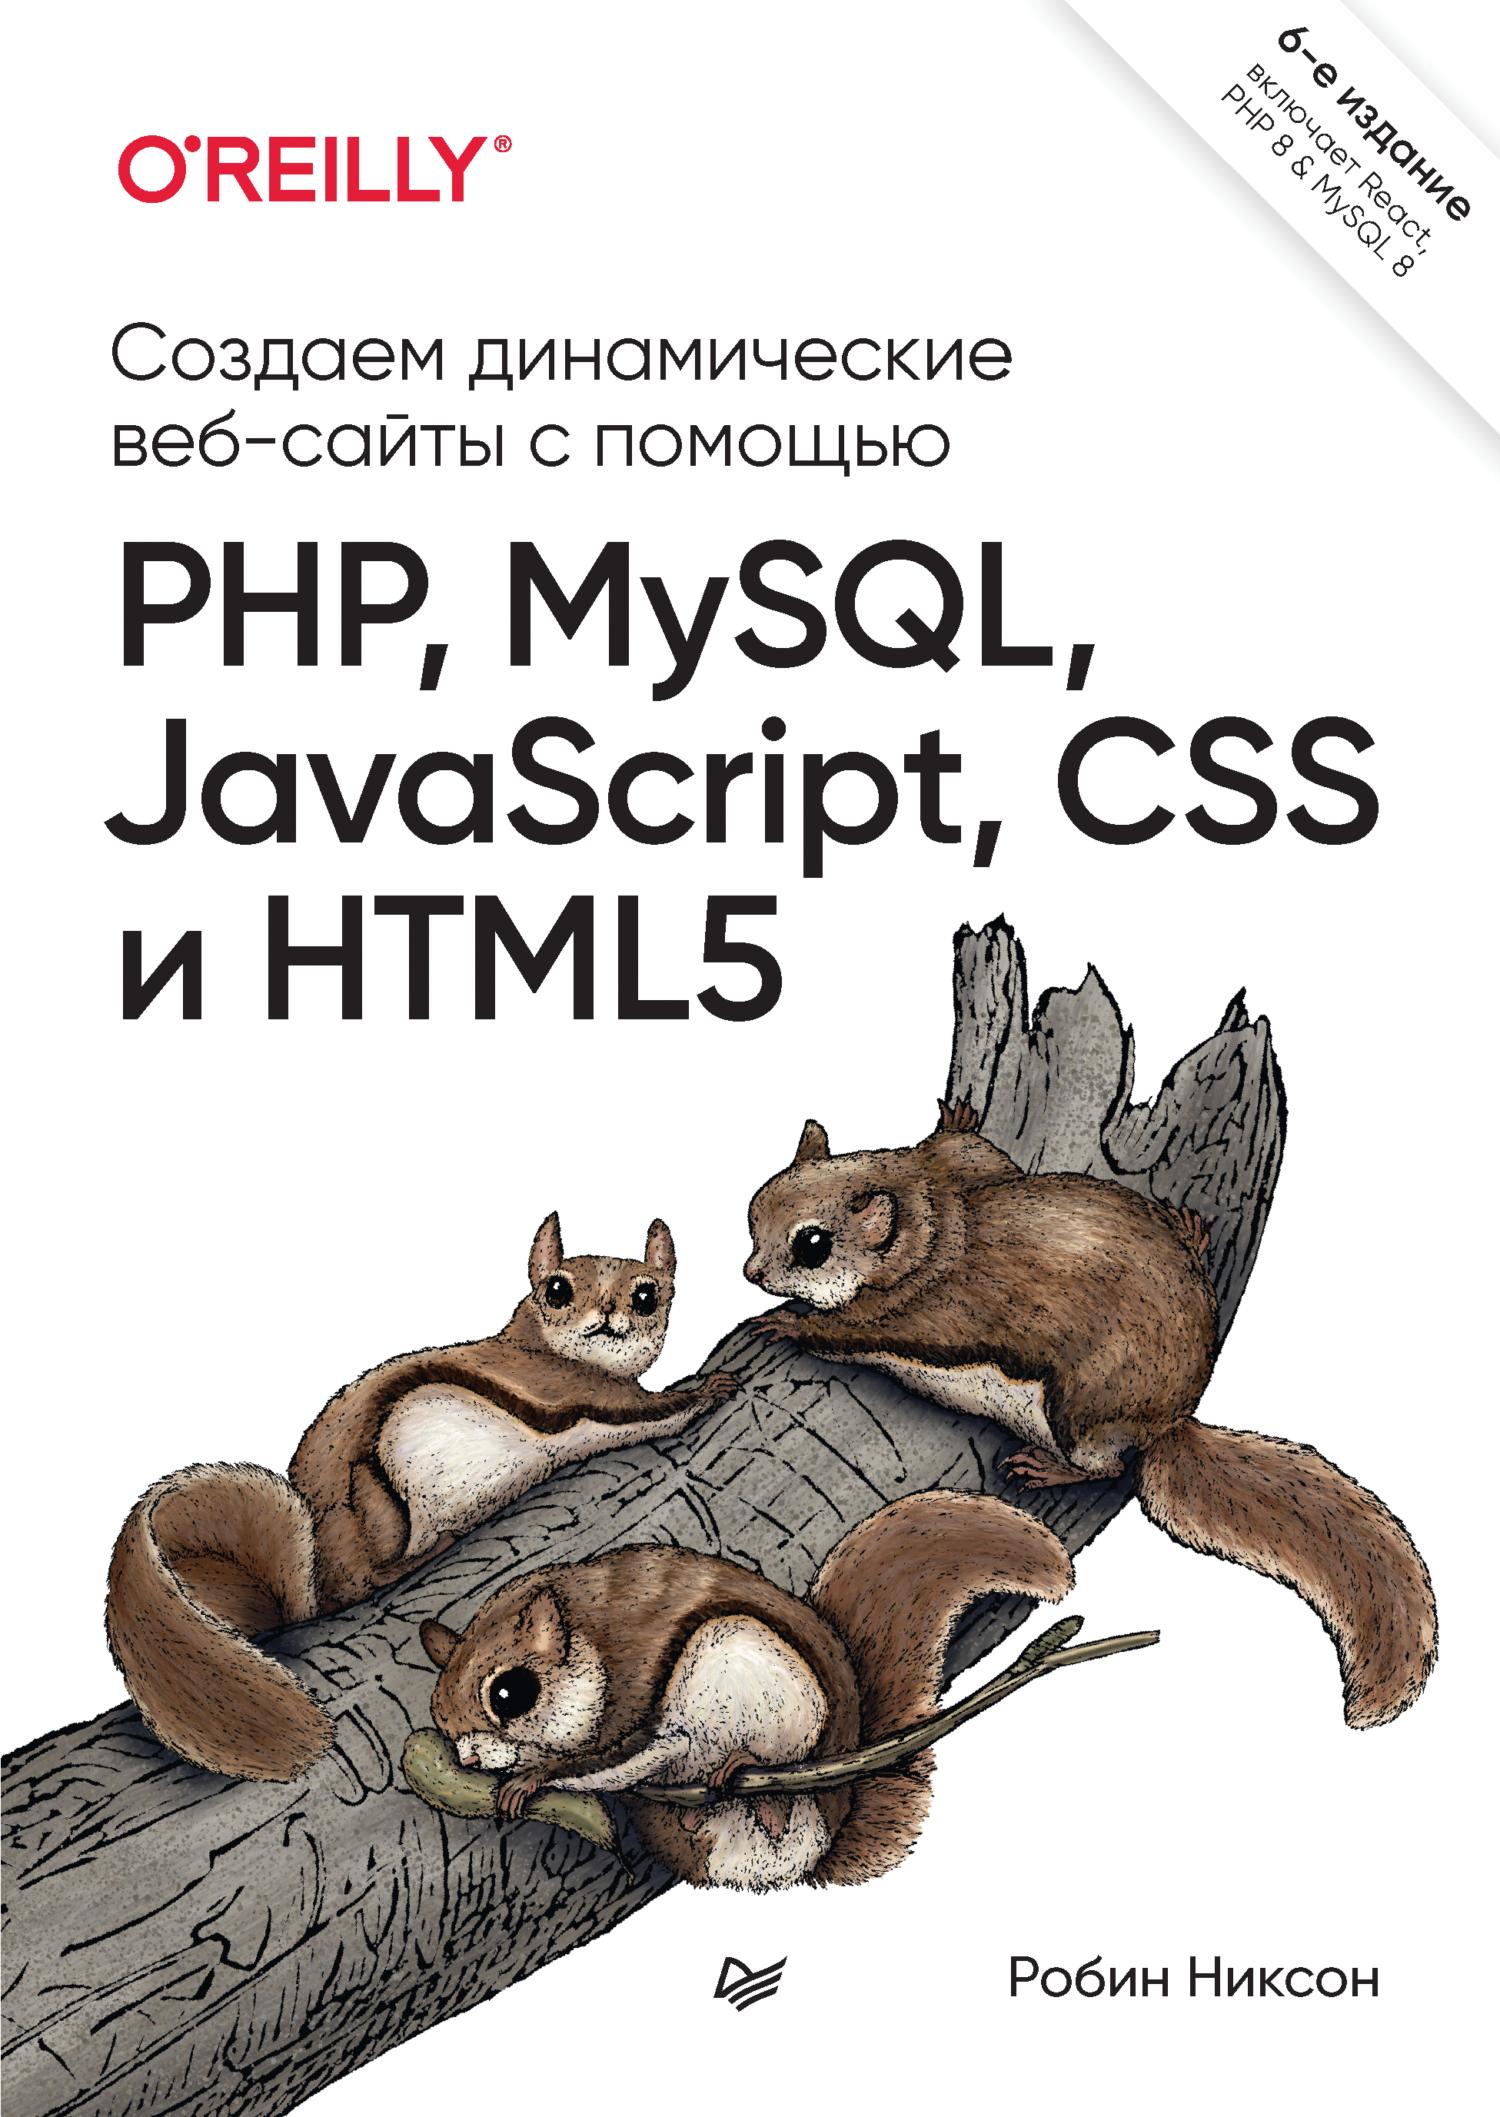 Робин Никсон Создаем динамические веб-сайты с помощью PHP, MySQL, JavaScript, CSS и HTML5 никсон р создаем динамические веб сайты с помощью php mysql javascript css и html5